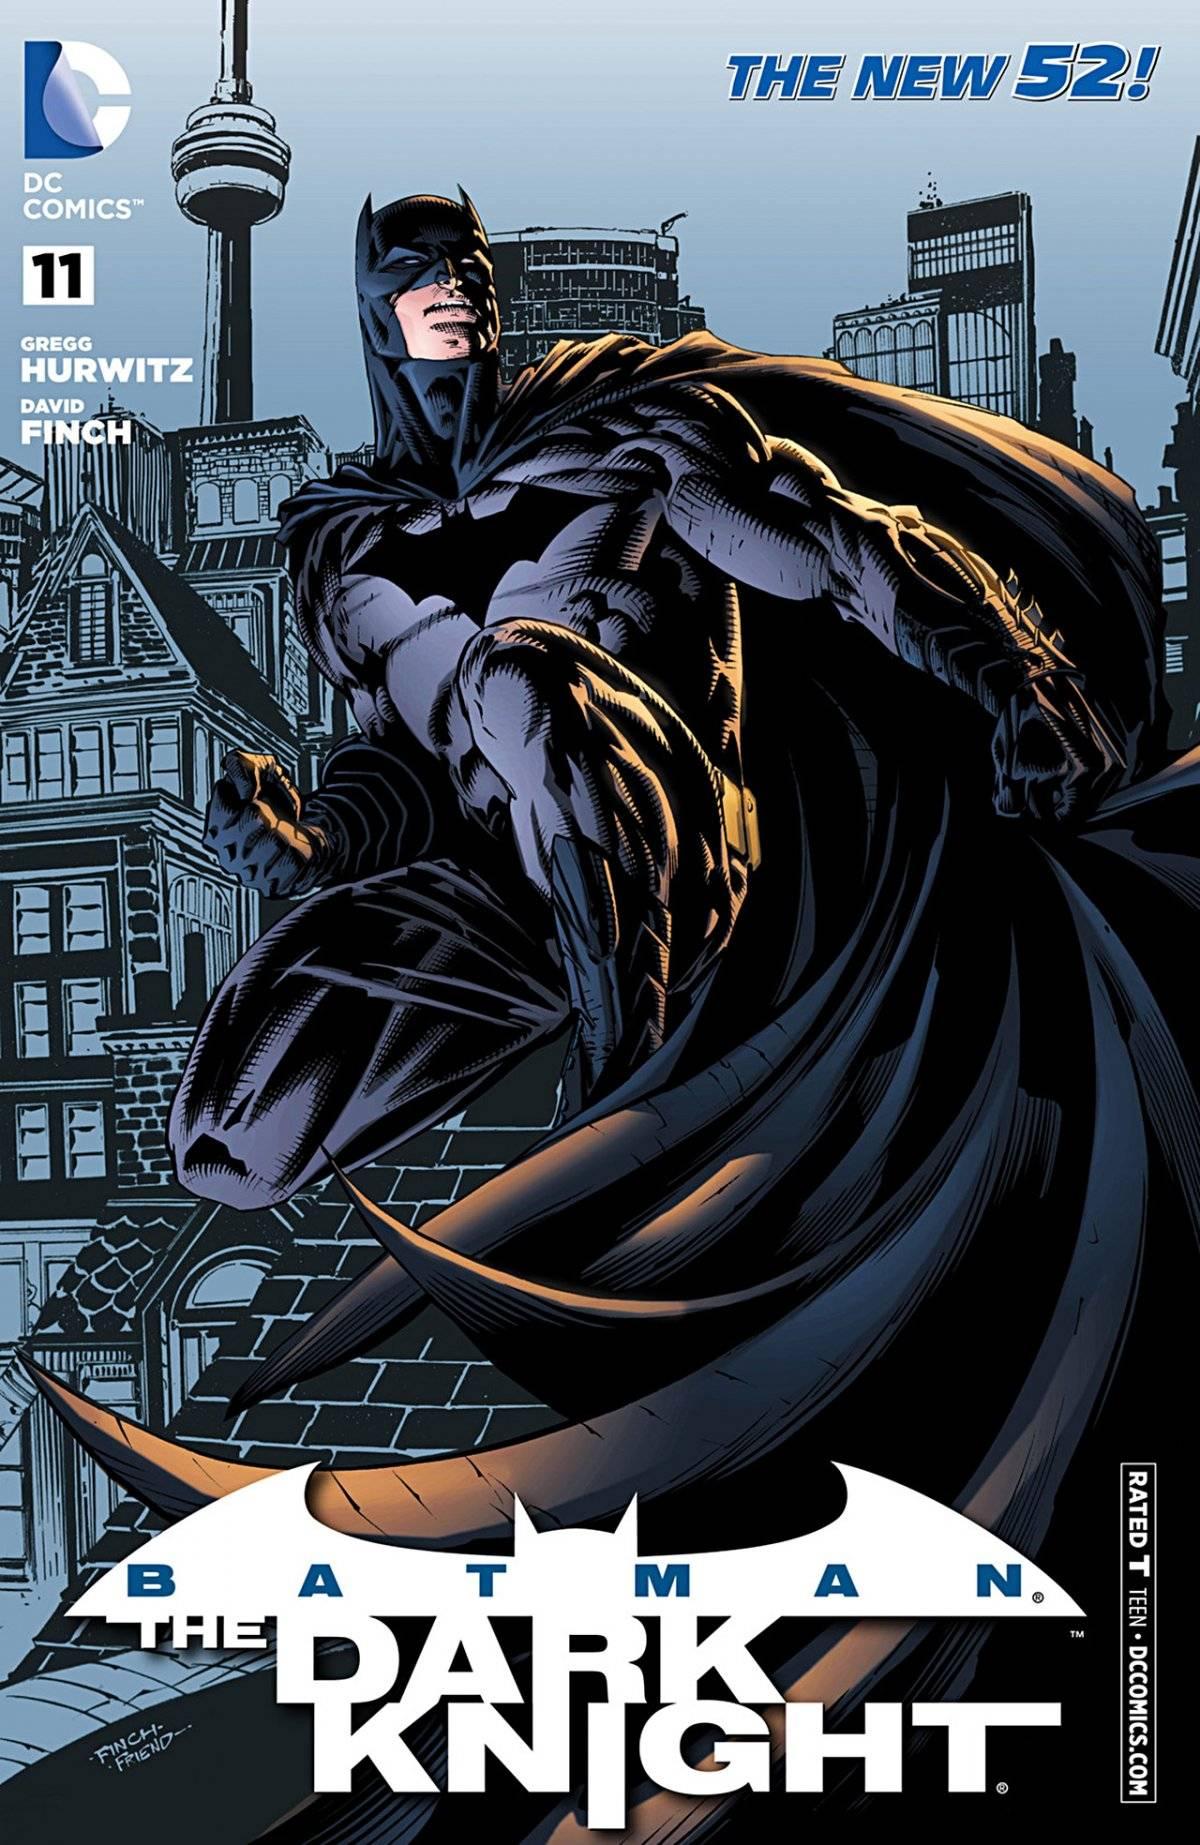 HERÓI: Batman (29%). Em 2º vem o Homem-Aranha (12%) e em 3º a Ms. Marvel (8%) / Divulgação